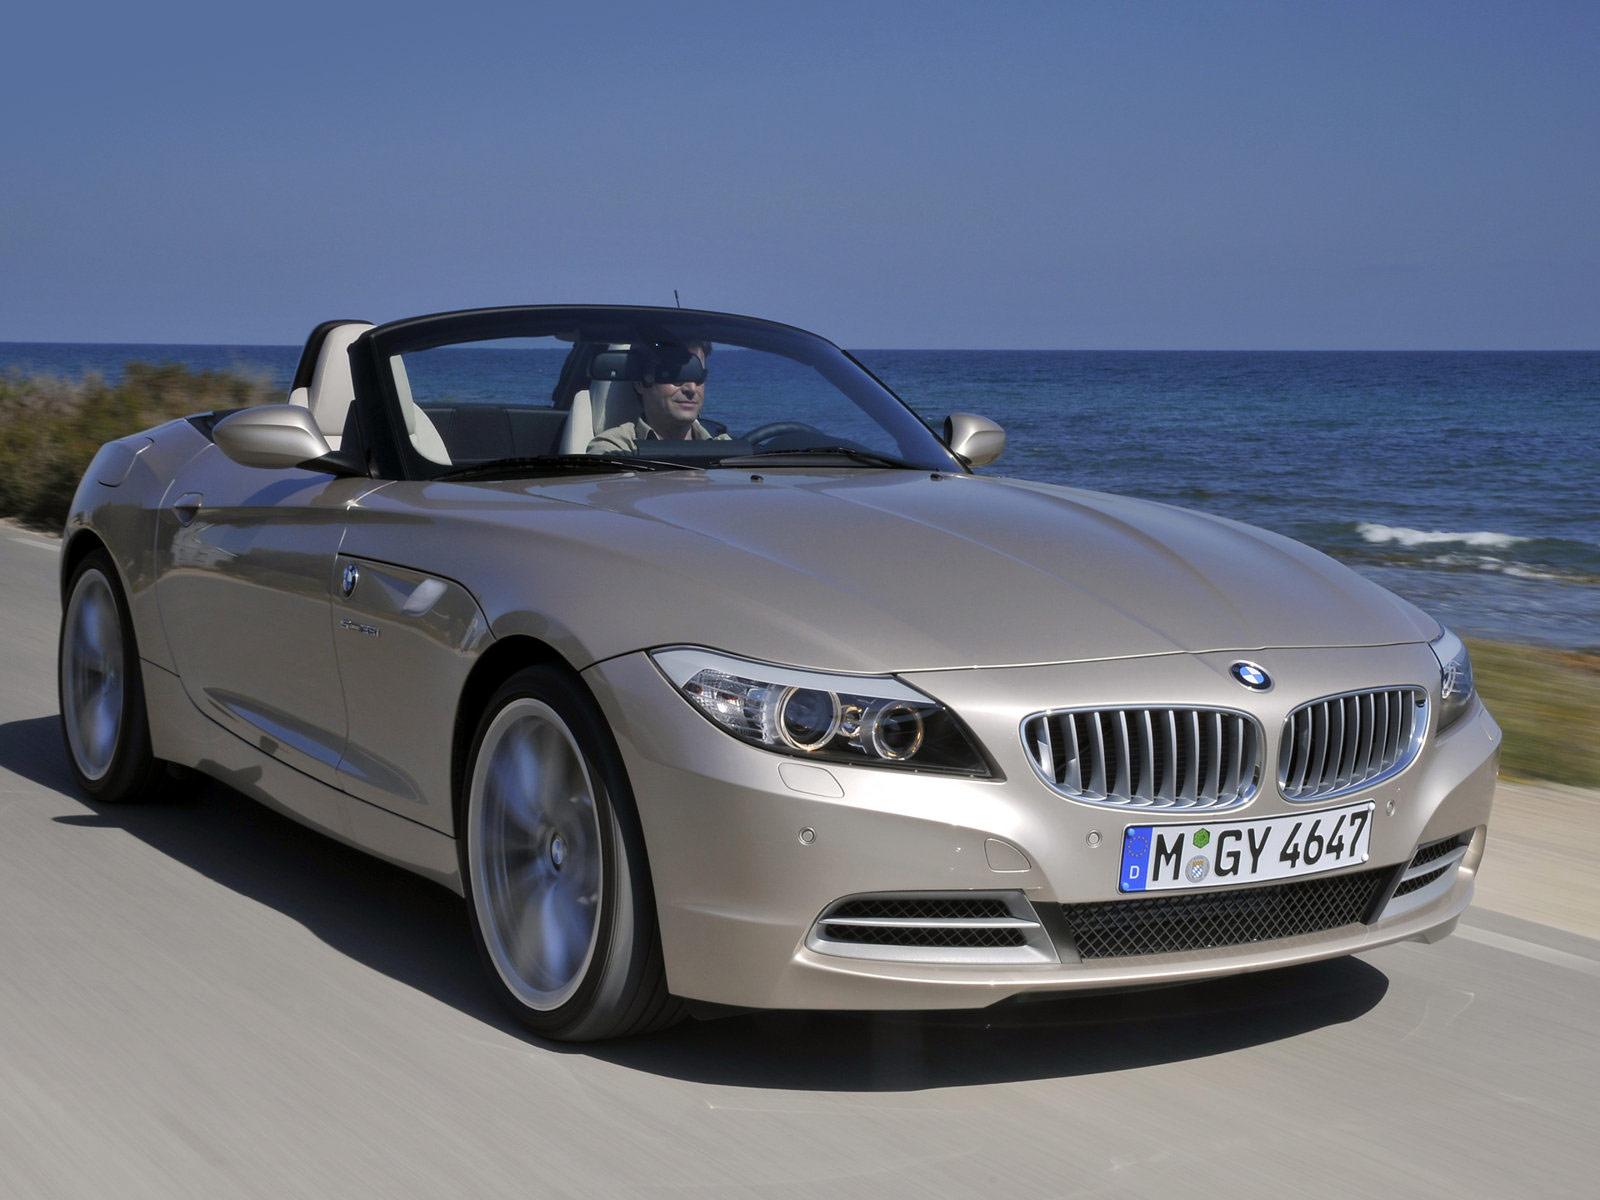 2010 Bmw Z4 Auto Insurance Information